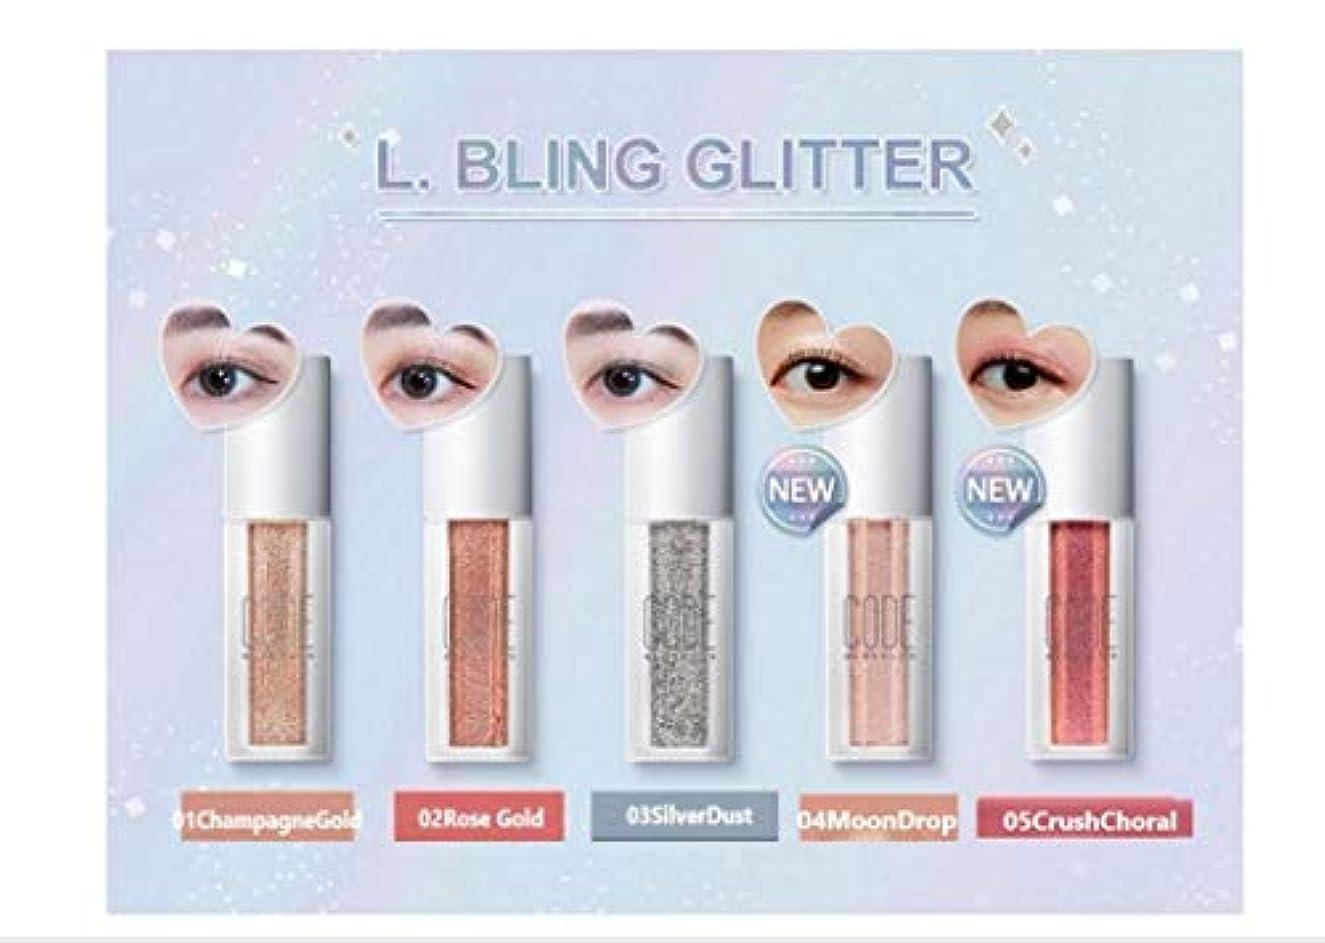 瞑想する外側地質学COOD☆Bling Glitter ブリング グリッターアイシャドウ 4.5g/NEW 2色[並行輸入品] (#05CrushChoral)